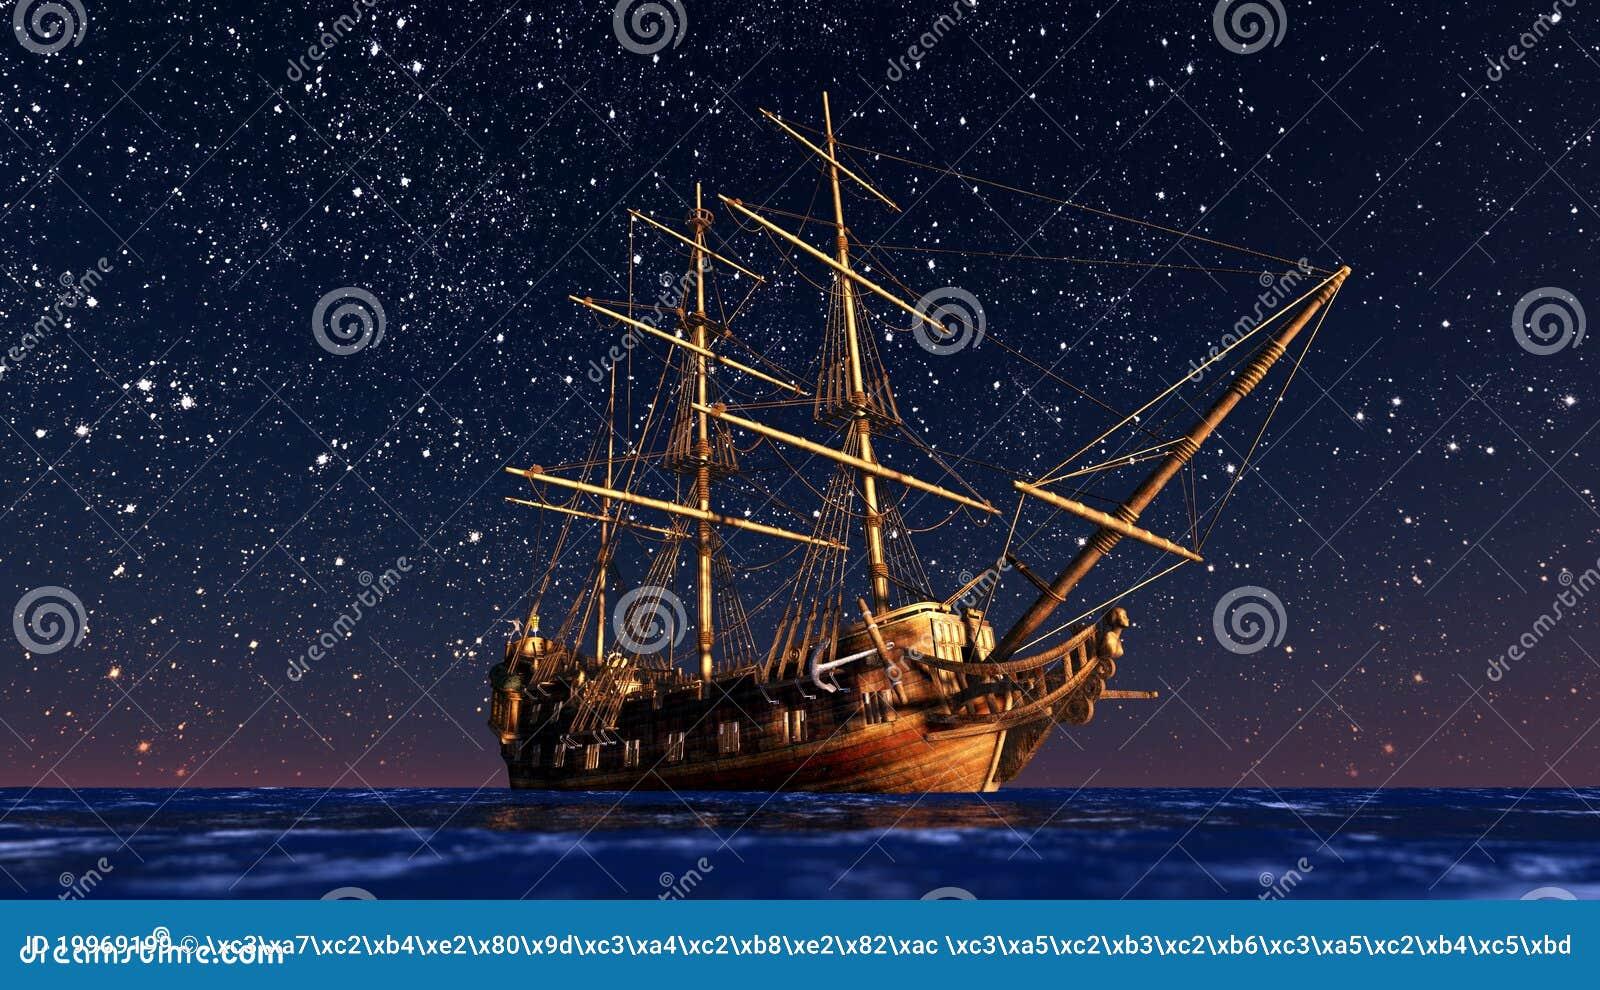 De varende boot gaat op een reis onder sterrelicht.